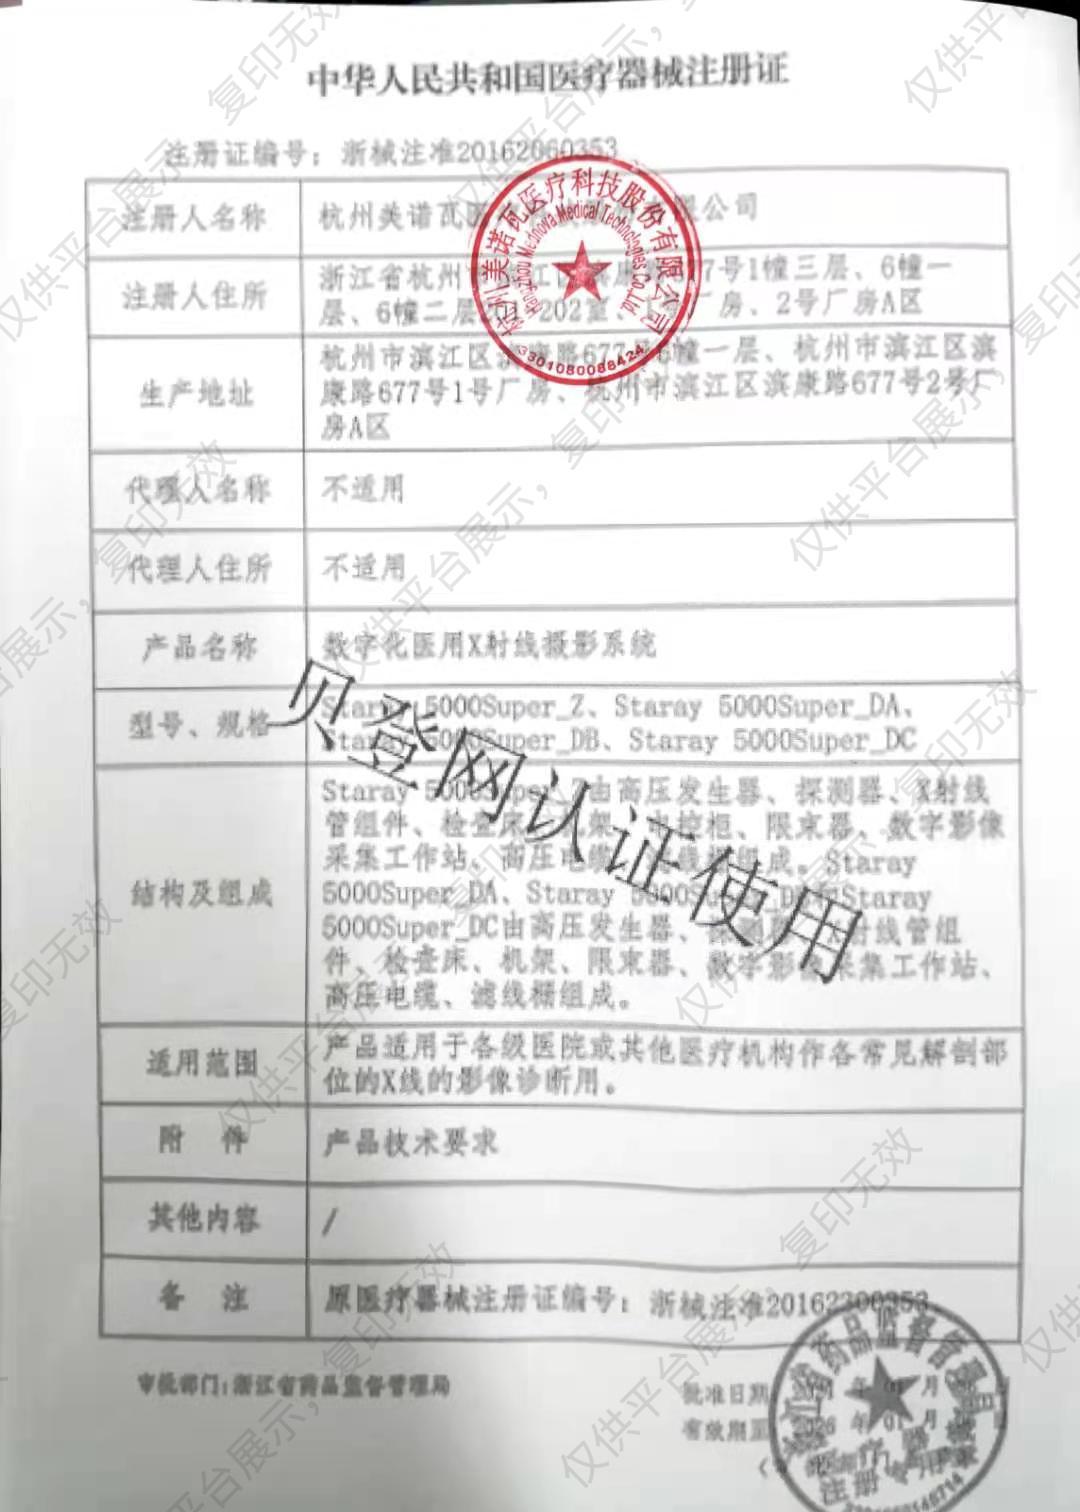 美诺瓦 数字化医用X射线摄影系统 Staray 5000Super_DC注册证